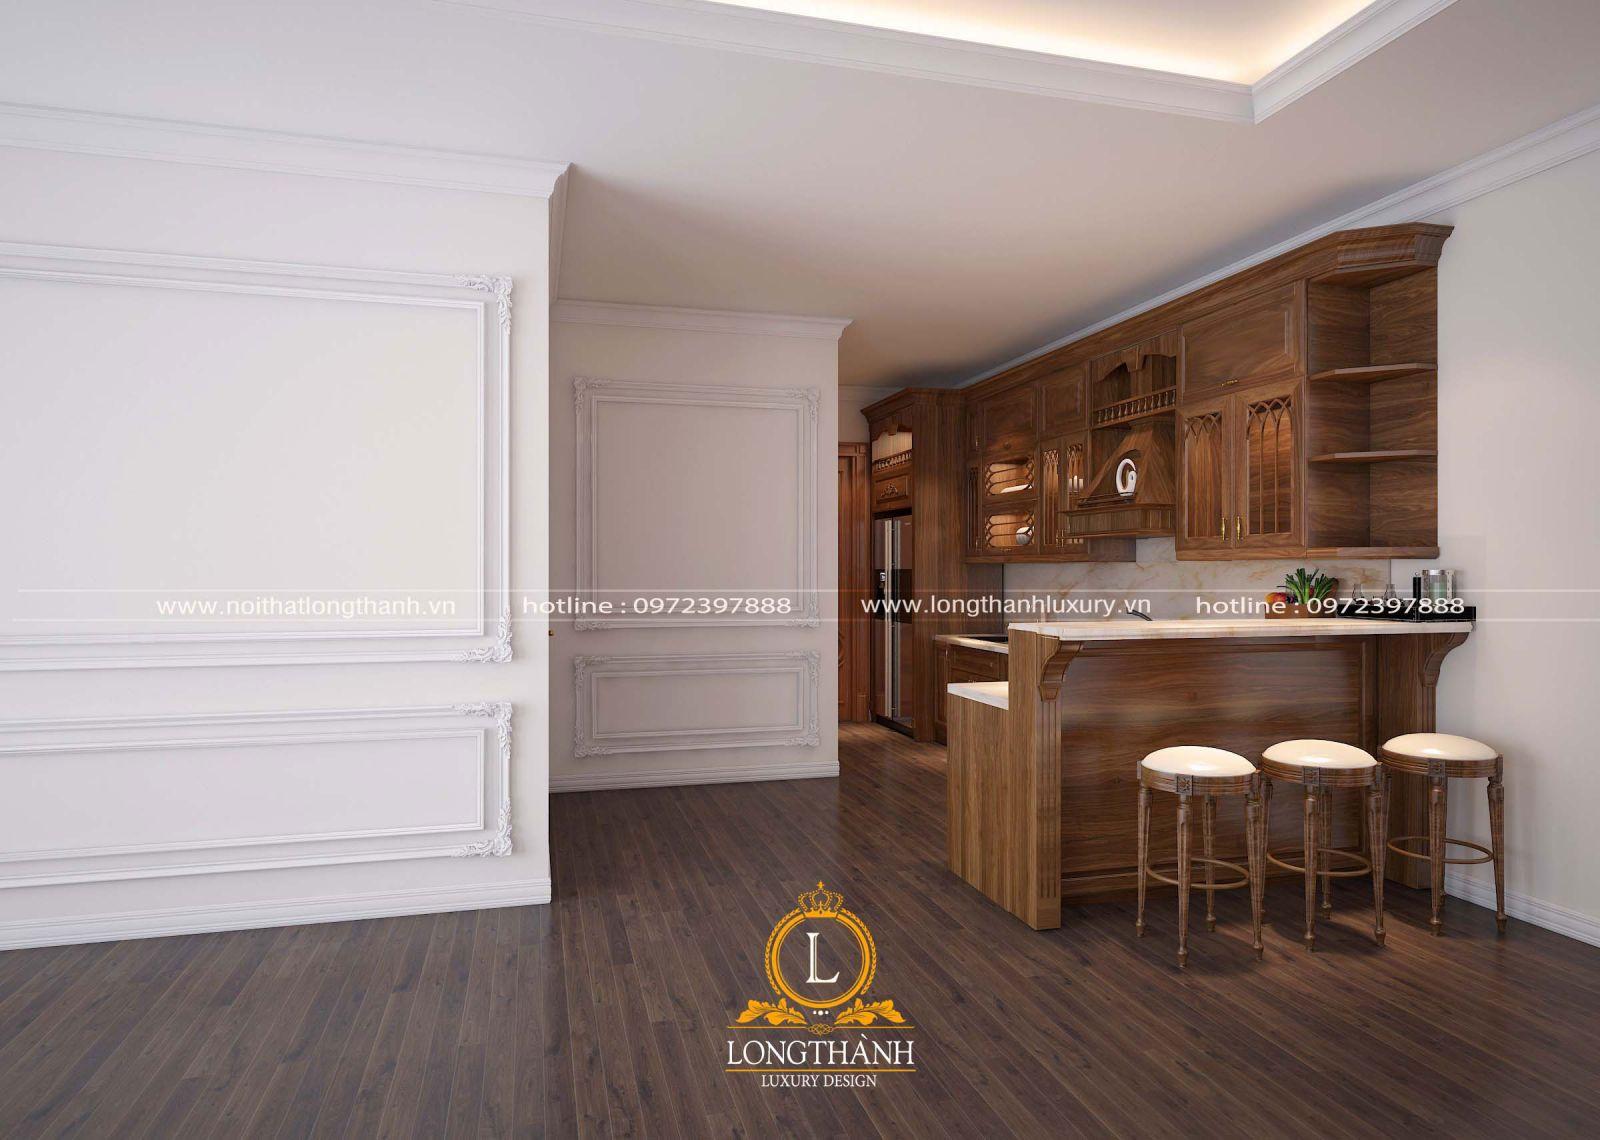 Chiếc tủ bếp được thiết kế quầy bar phù hợp